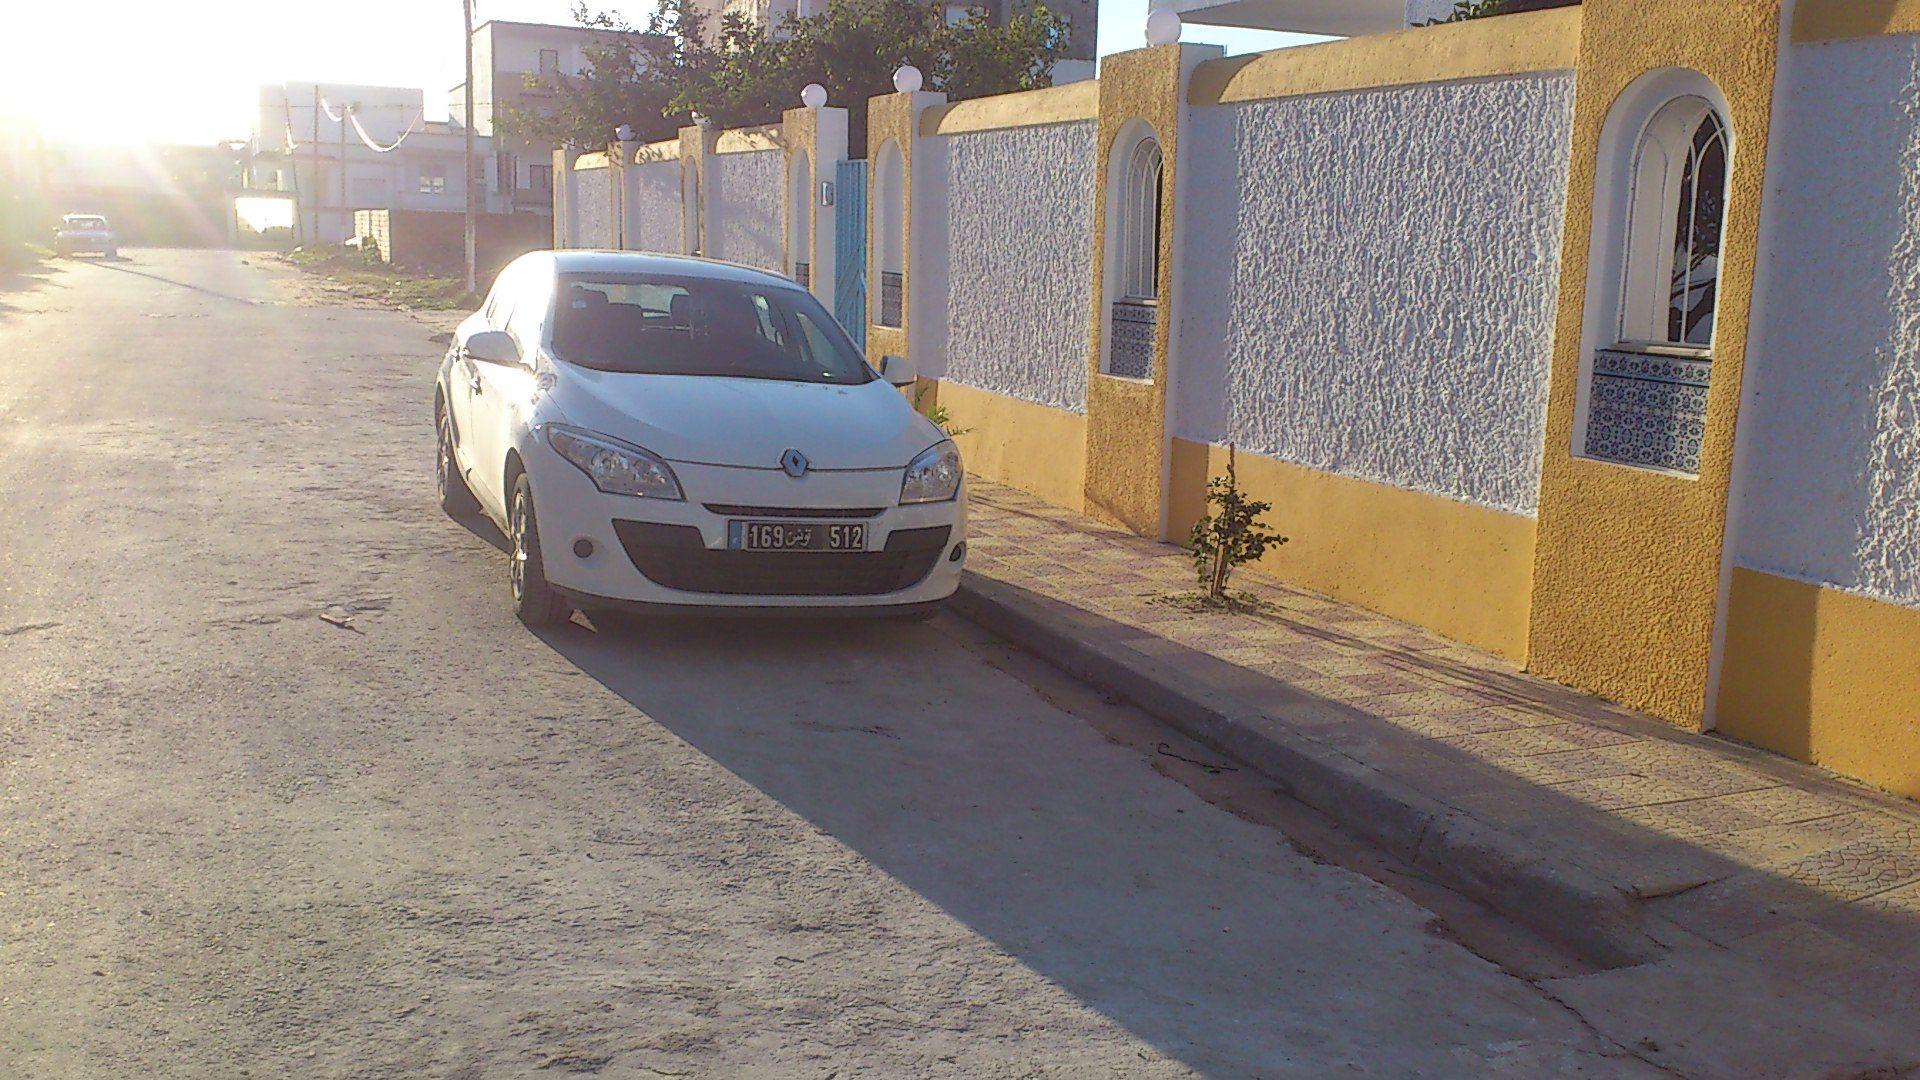 Vila in kelibia ou l echange in hammamet